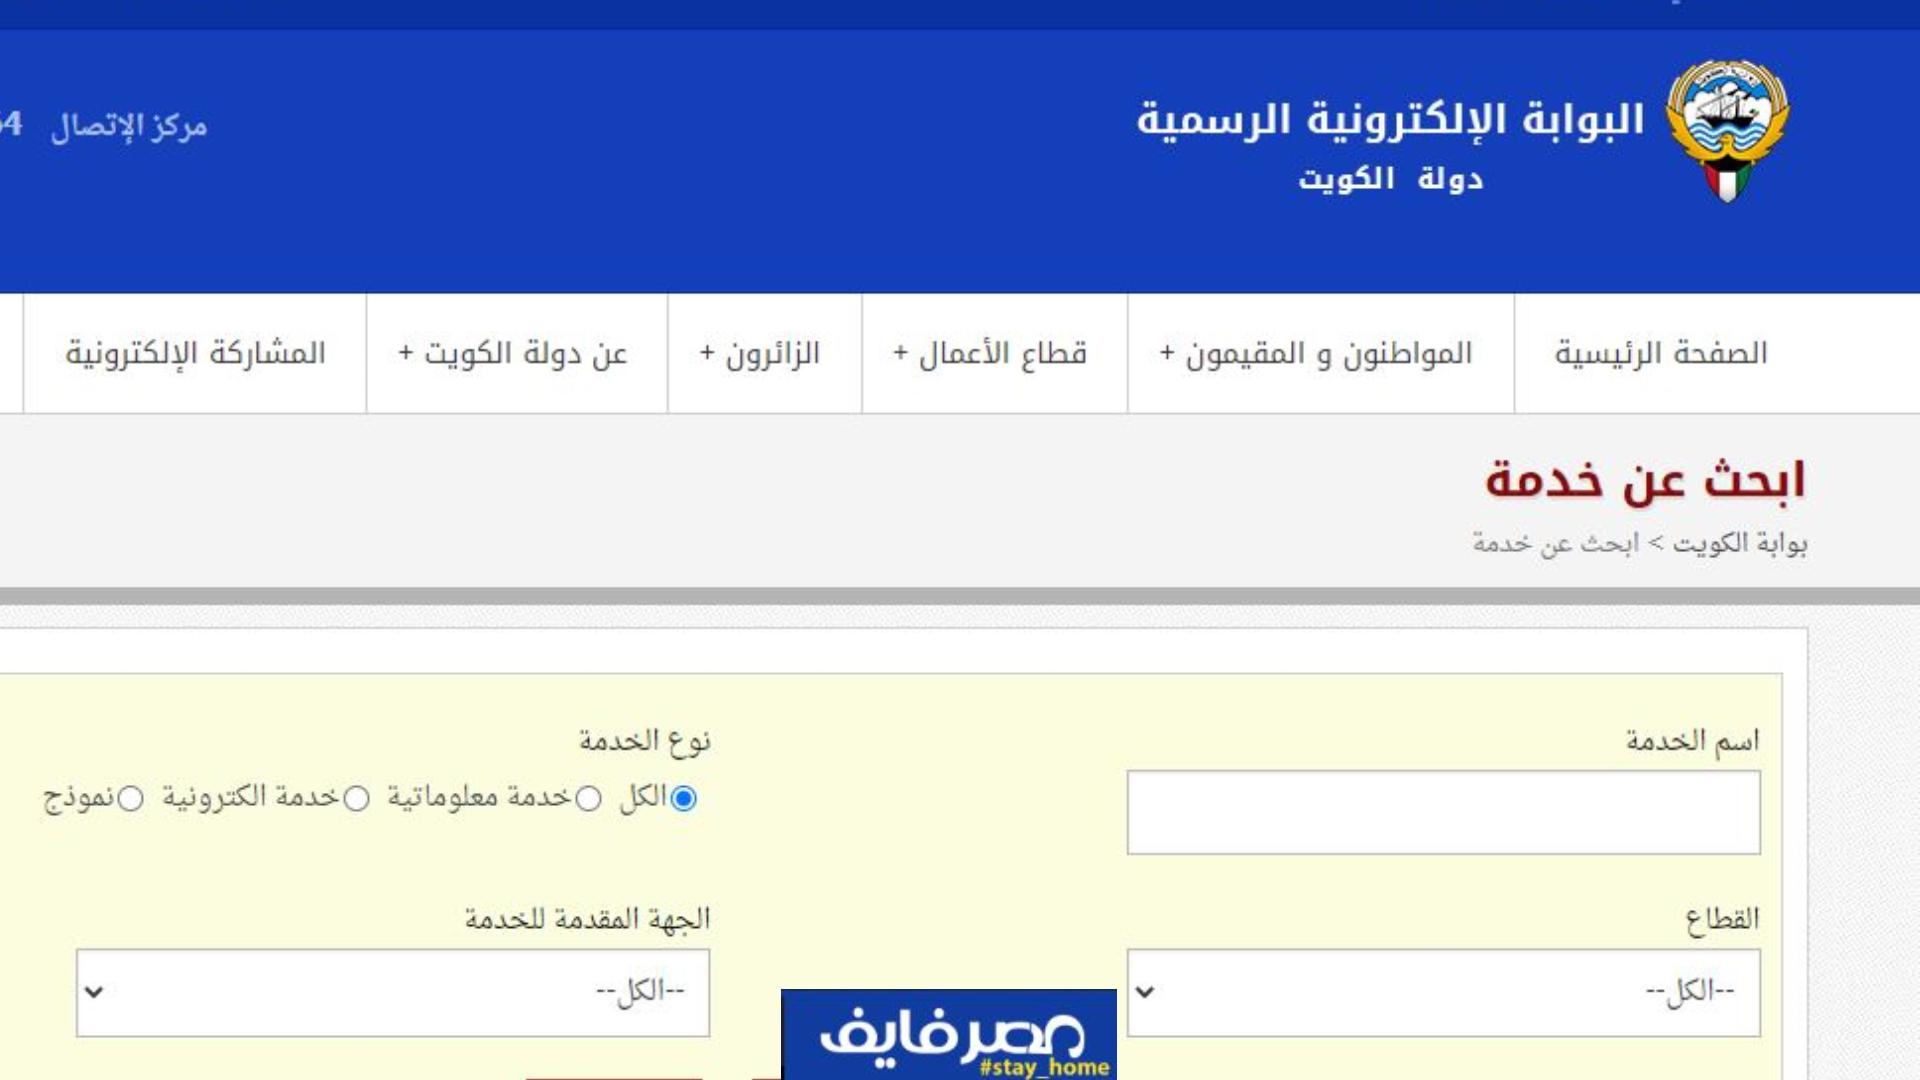 دفع رسوم البطاقة المدنية الكويت عبر البوابةالإلكترونية الرسمية